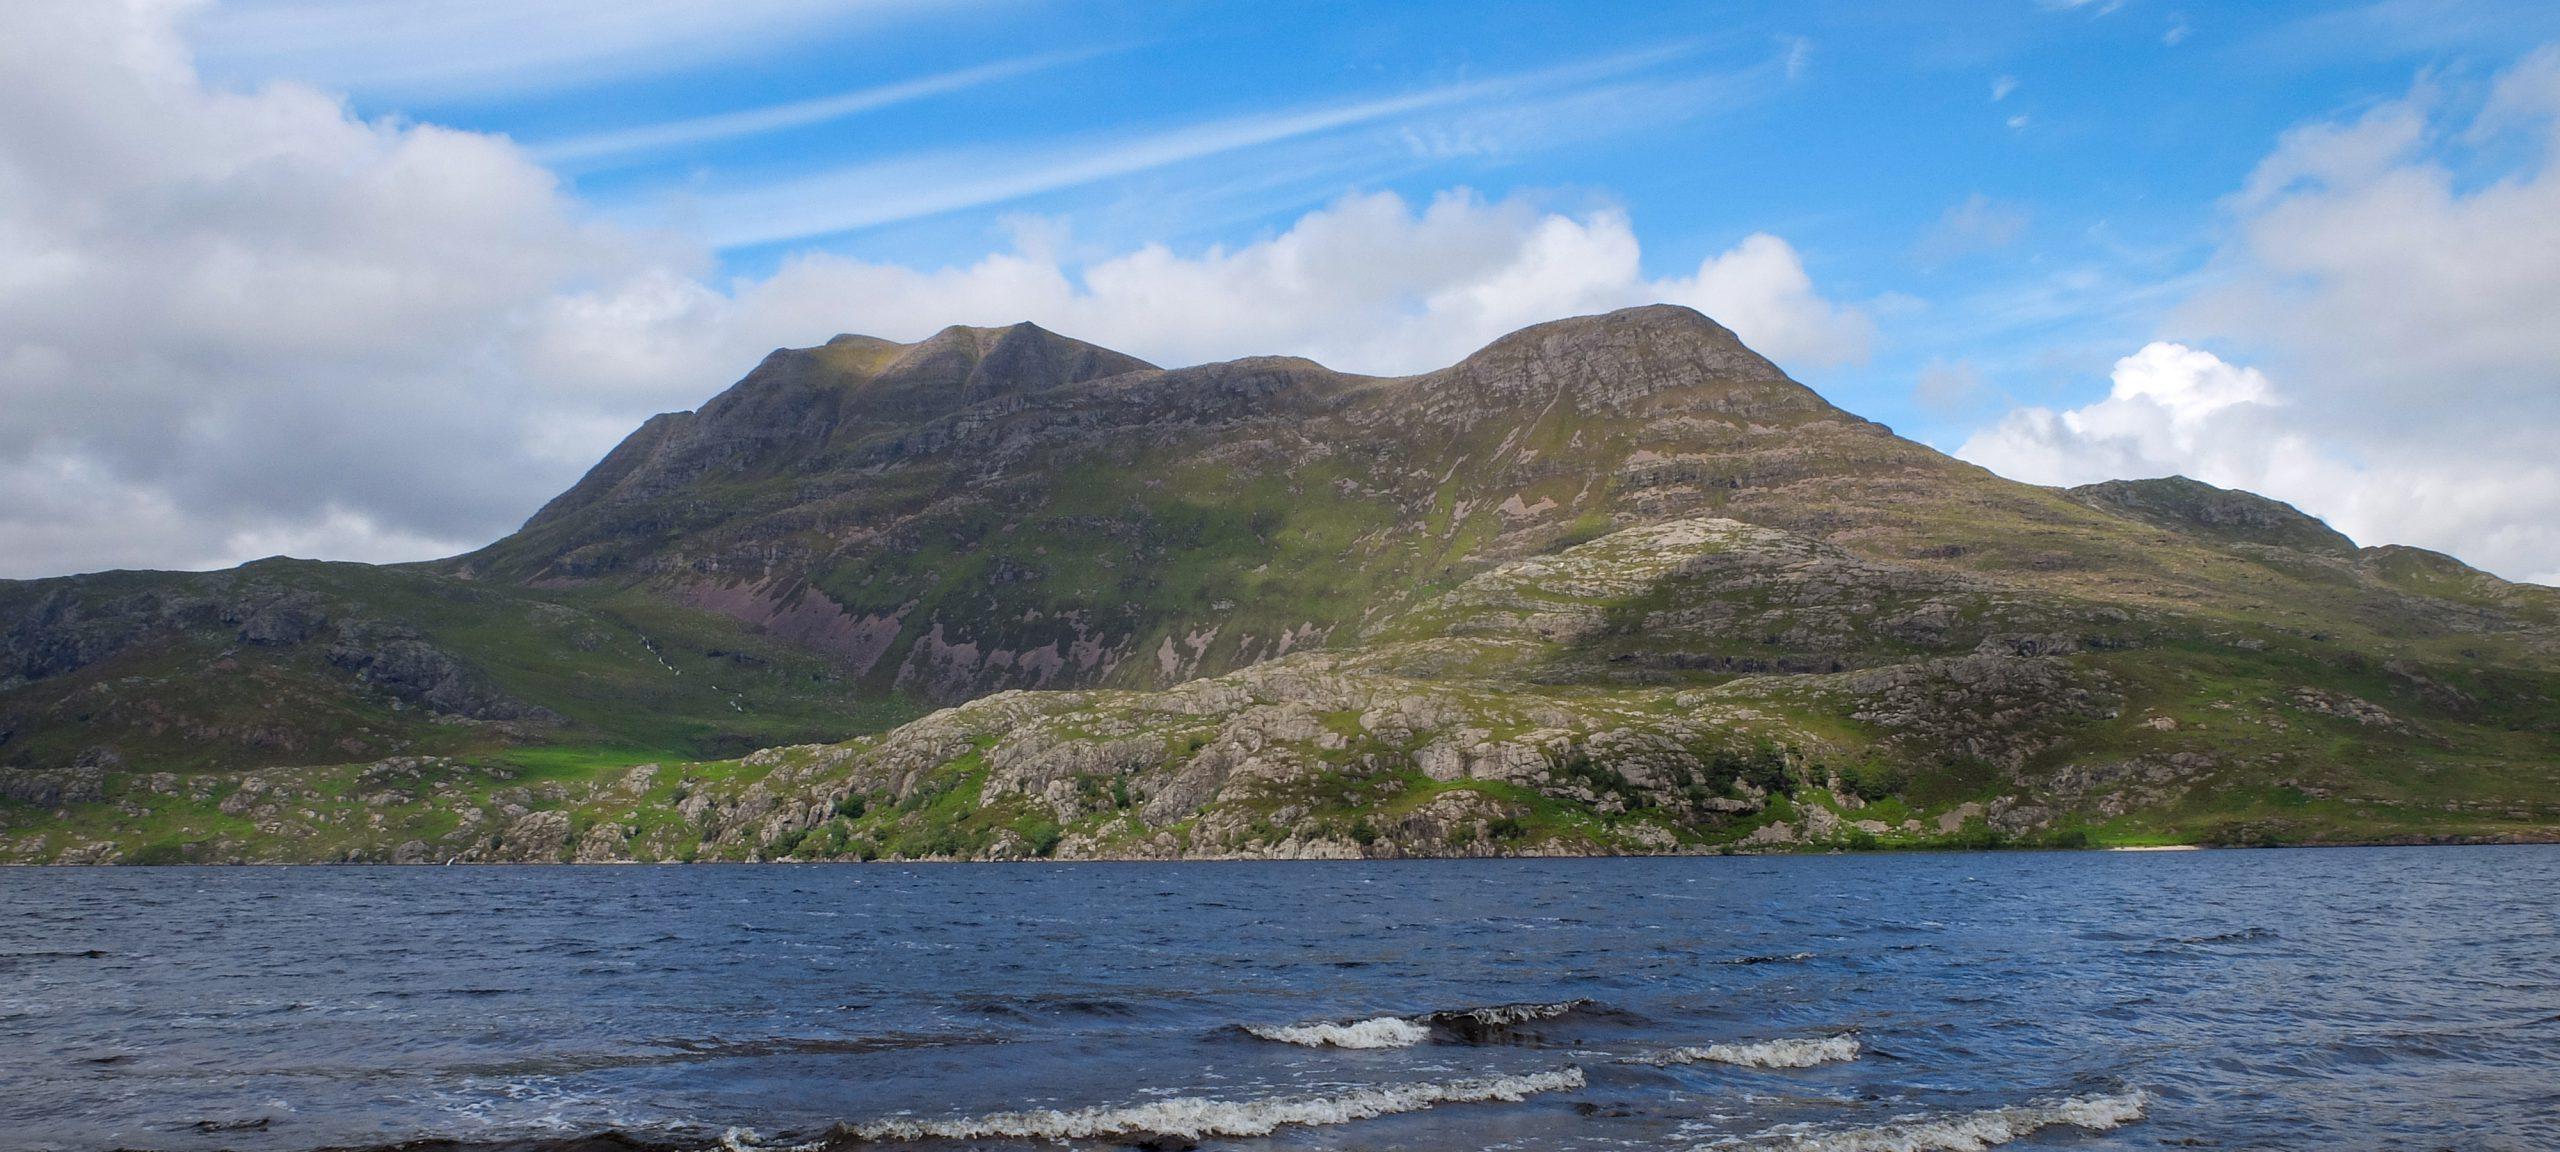 Slioch on the shores of Loch Maree